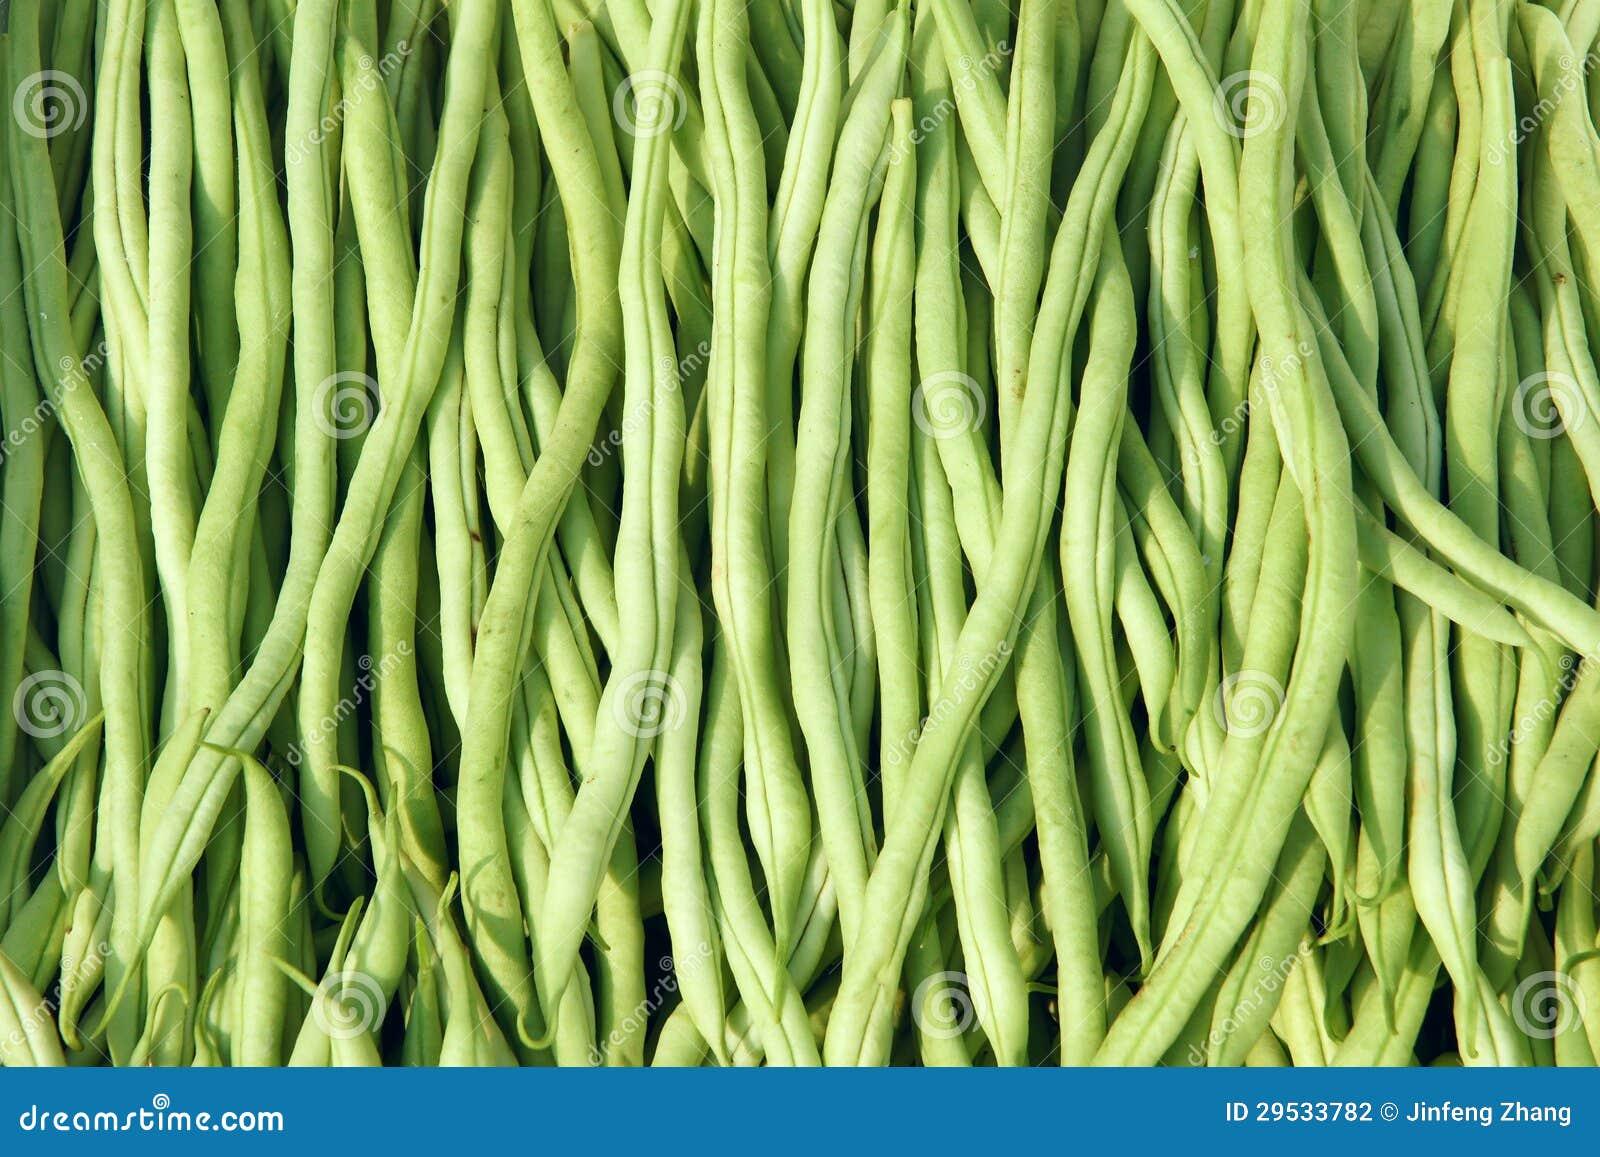 Beanpods